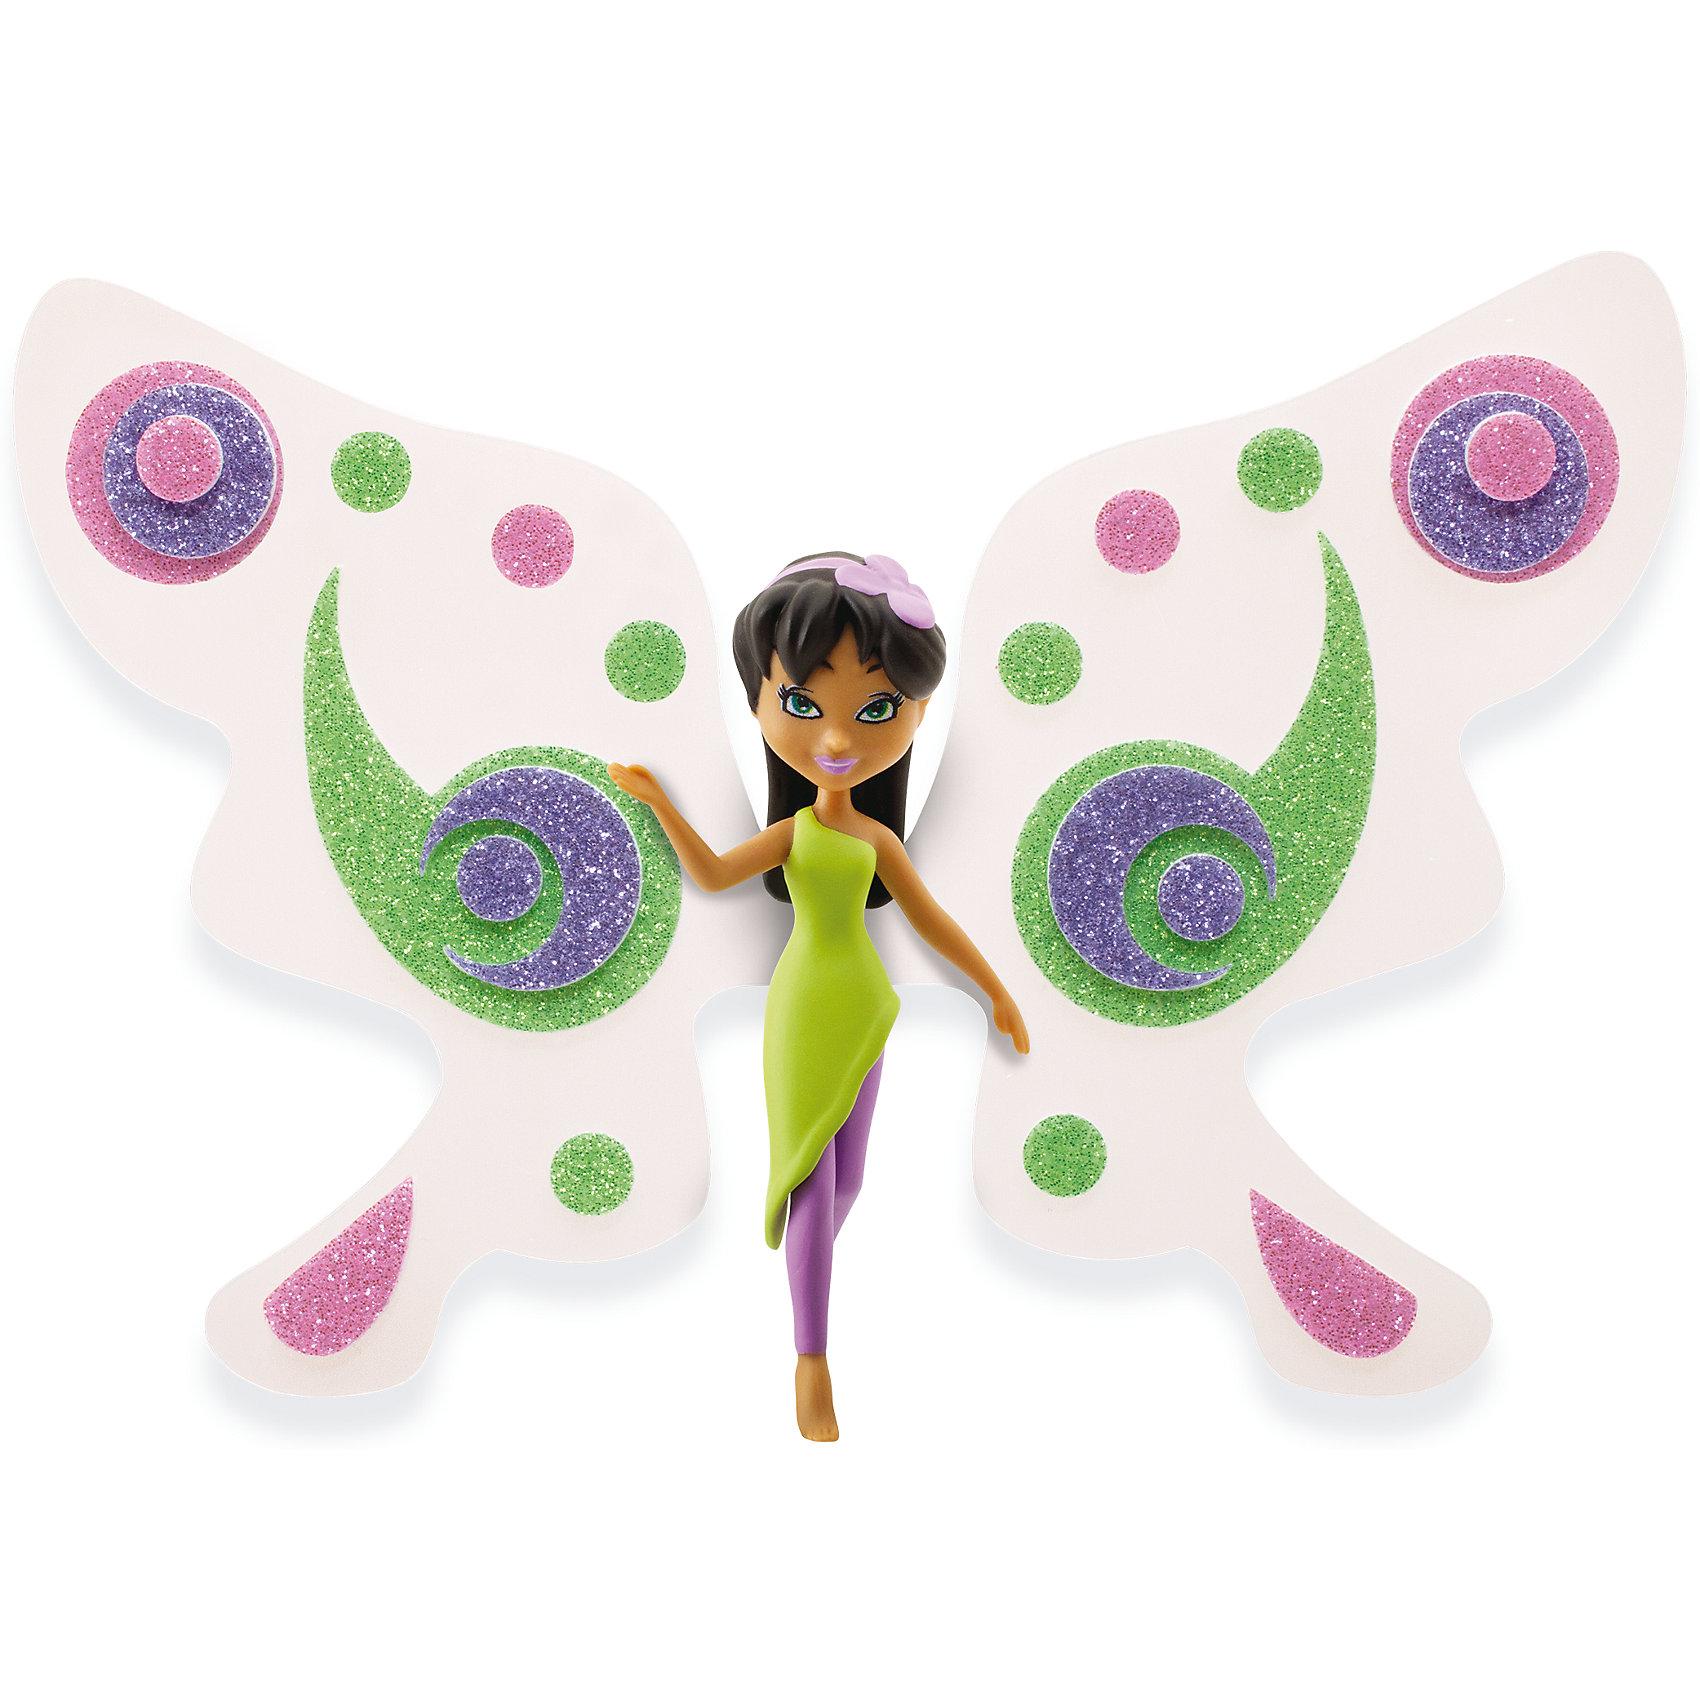 Игровой набор Фея Лили, Shimmer WingНаборы стилиста и дизайнера<br>Характеристики товара:<br><br>• возраст: от 5 лет;<br>• материал: пластик;<br>• в комплекте: кукла, подставка для куклы, крылья, 3 листа наклеек, питомец, крылья для питомца;<br>• размер упаковки: 21х20х8 см;<br>• вес упаковки: 136 гр.;<br>• страна производитель: Китай.<br><br>Игровой набор «Фея Лили» Shimmer Wing включает в себя очаровательную фею Лили и ее питомца. Лили одета в зеленое платье и фиолетовые леггинсы. На голове у нее ободок с цветочком. <br><br>Дополнят образ феи яркие крылышки, которые девочке предстоит украсить самой с помощью блестящих наклеек, проявив фантазию и воображение. <br><br>Игровой набор «Фея Лили» Shimmer Wing можно приобрести в нашем интернет-магазине.<br><br>Ширина мм: 90<br>Глубина мм: 200<br>Высота мм: 210<br>Вес г: 141<br>Возраст от месяцев: 60<br>Возраст до месяцев: 2147483647<br>Пол: Женский<br>Возраст: Детский<br>SKU: 5478831